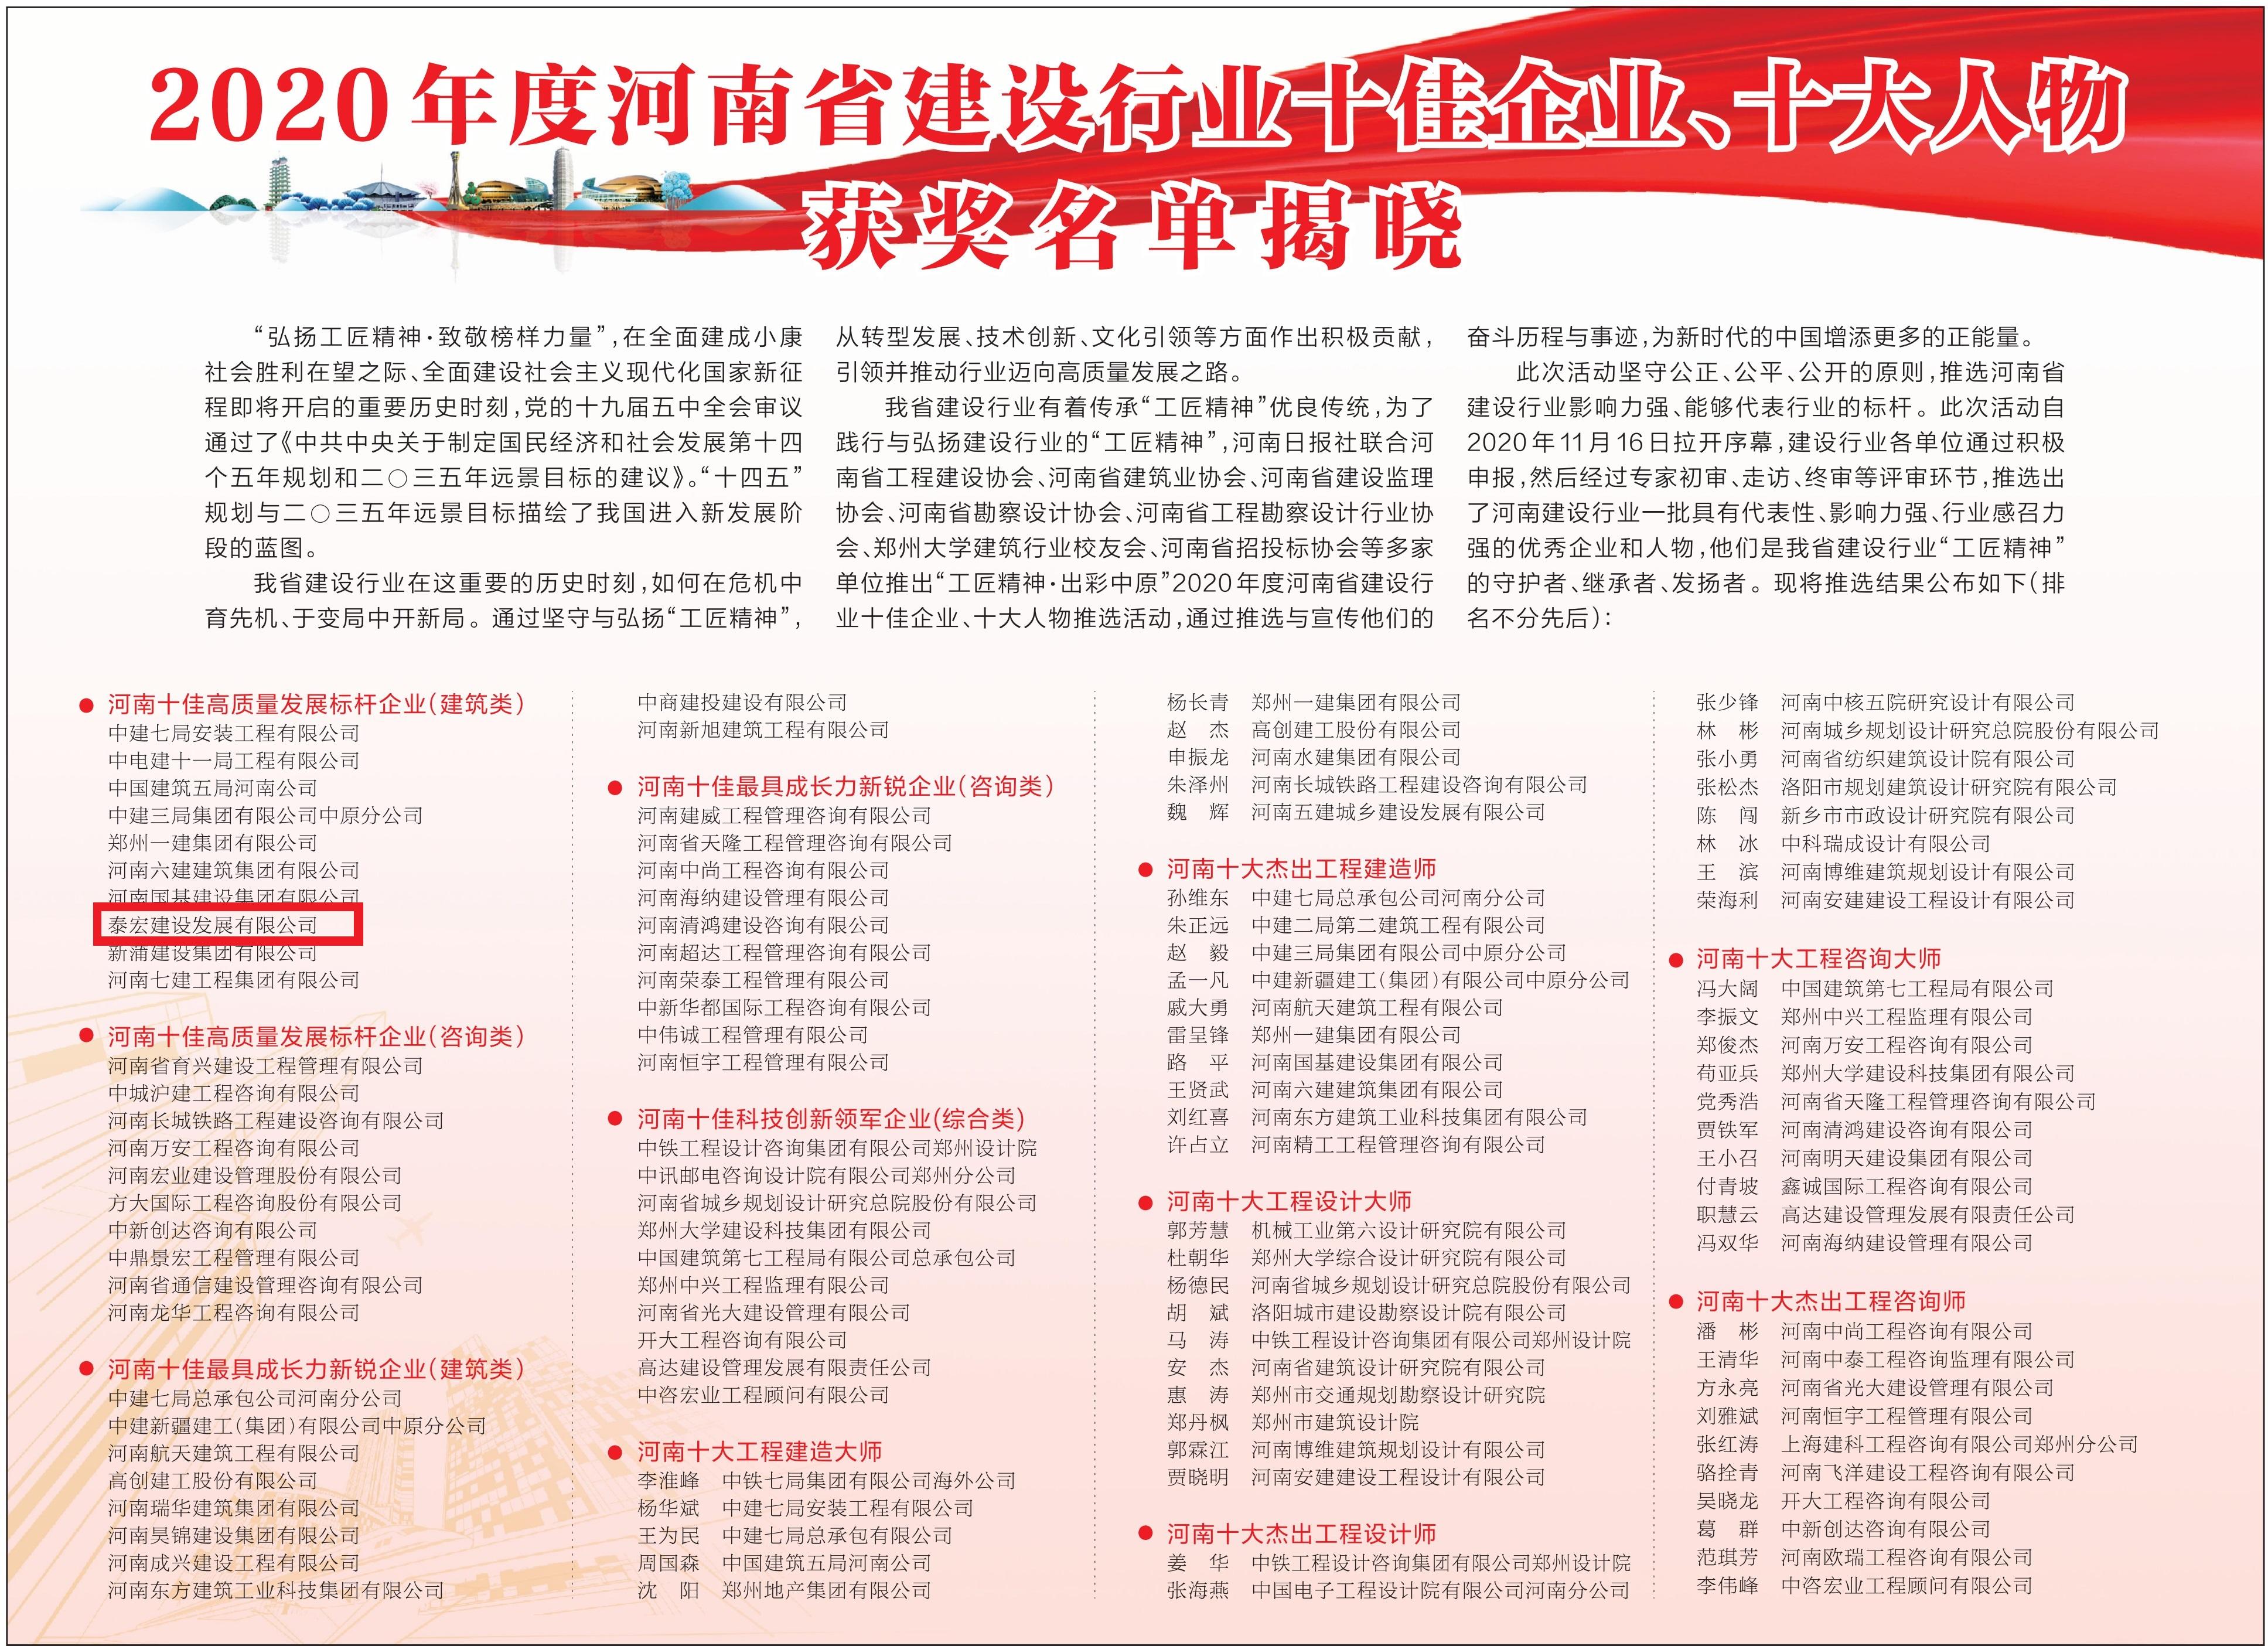 """公司荣获第五届""""工匠精神 出彩中原""""2020年度河南省建设行业十佳企业荣誉称号"""